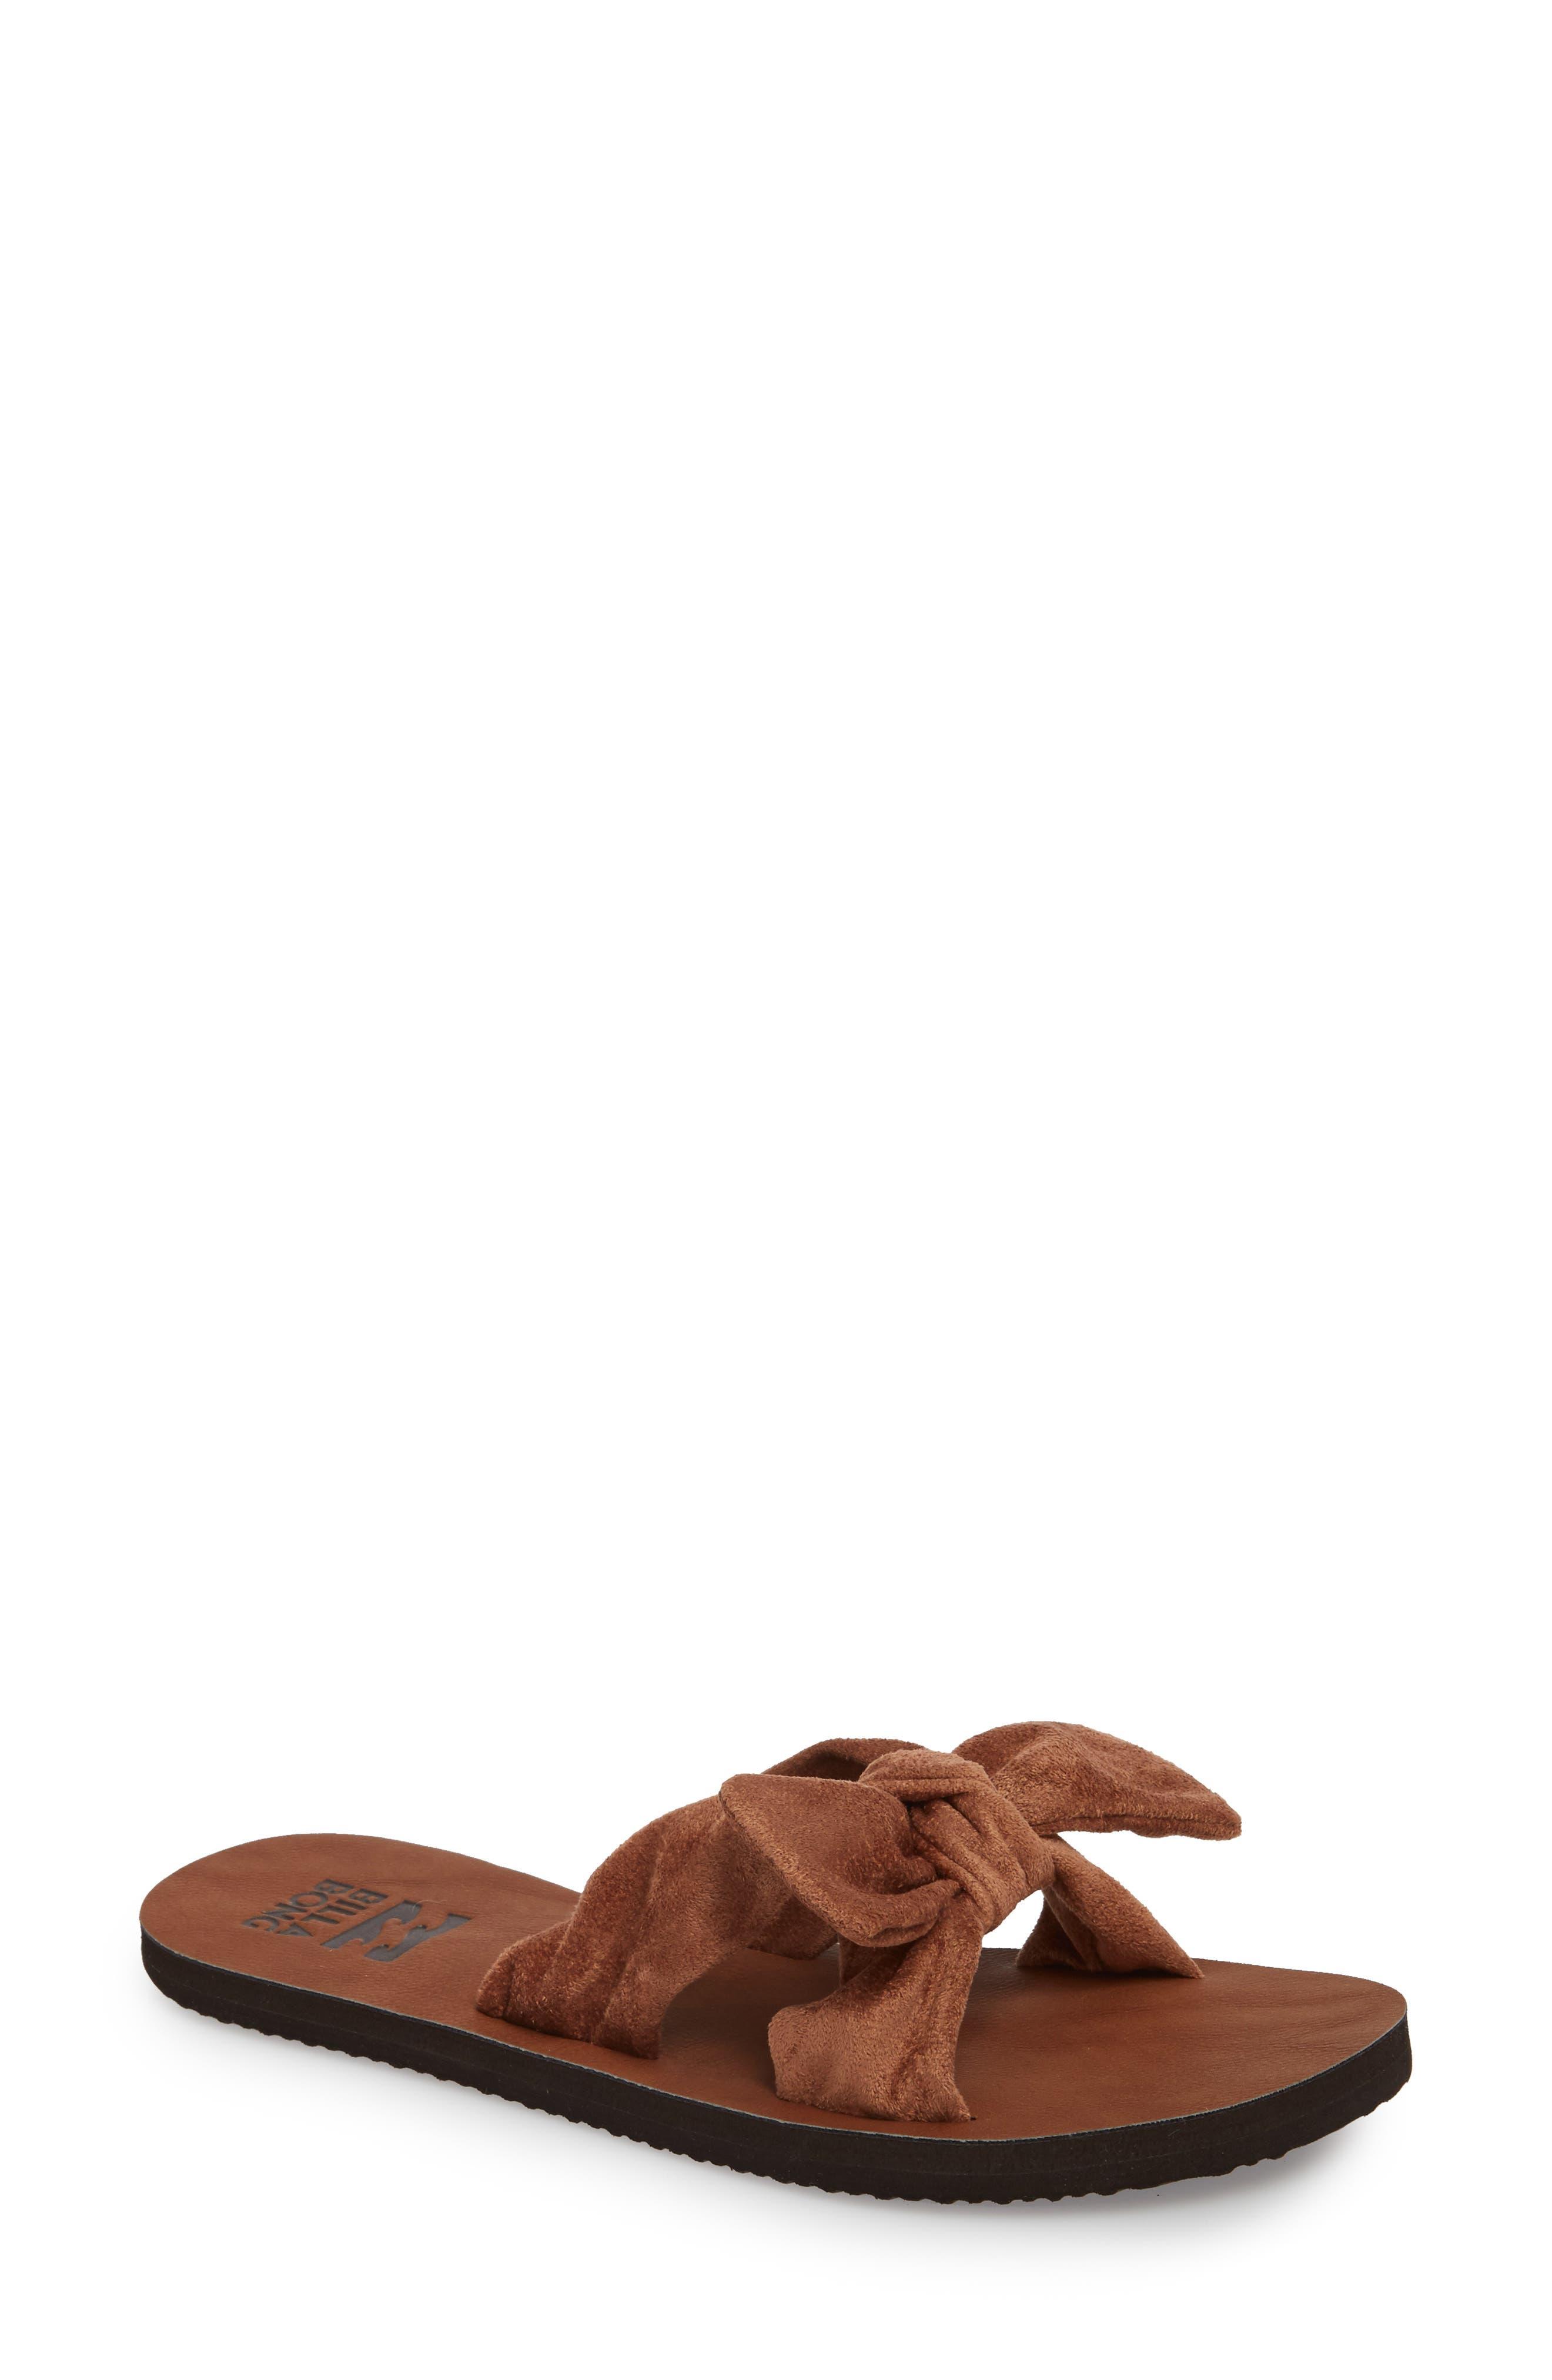 Tied-Up Slide Sandal,                         Main,                         color, Desert Brown